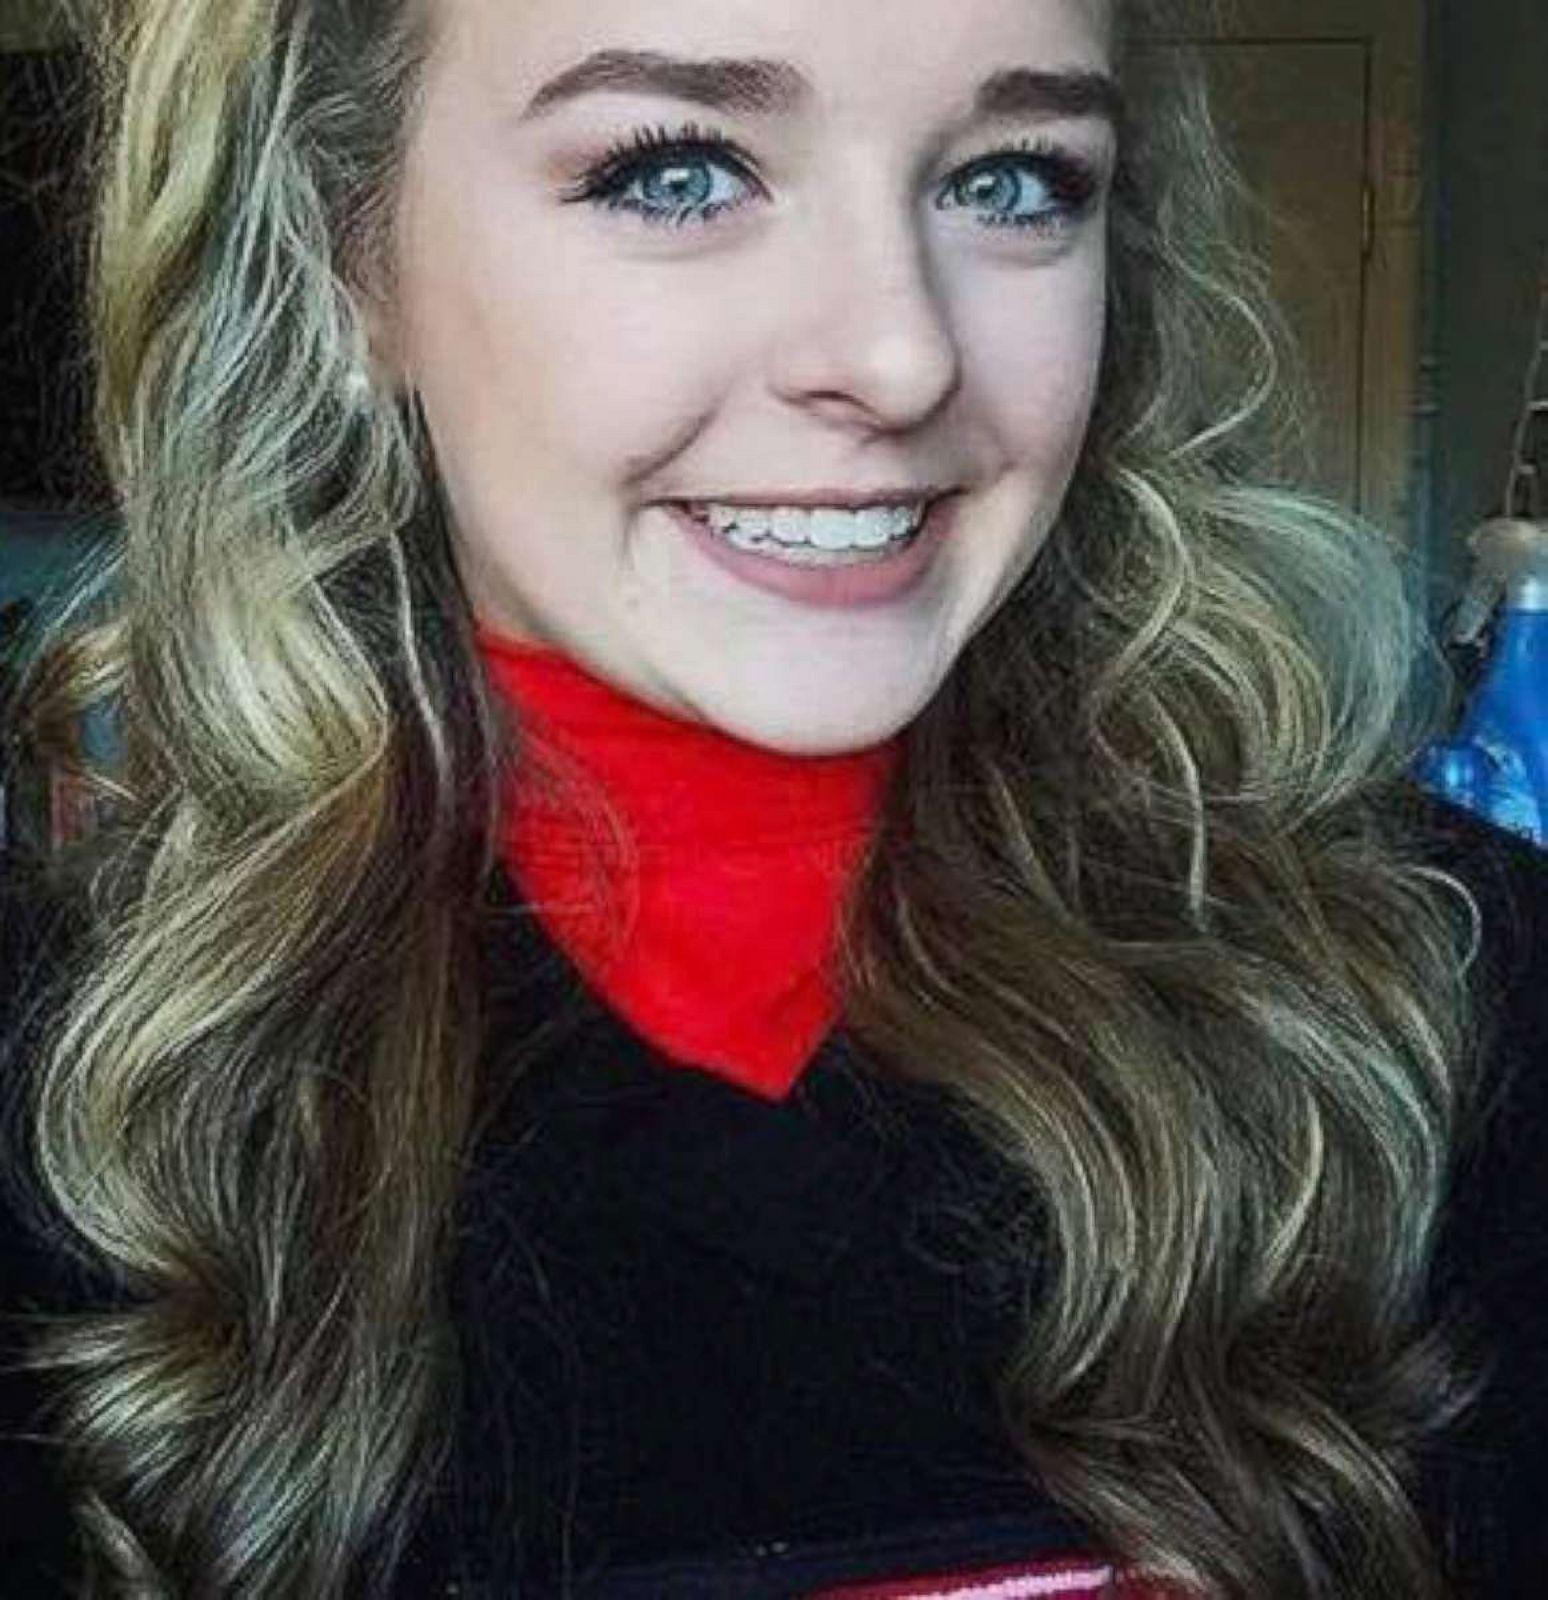 Selfie Kelli McCarty nude (77 images), Leaked